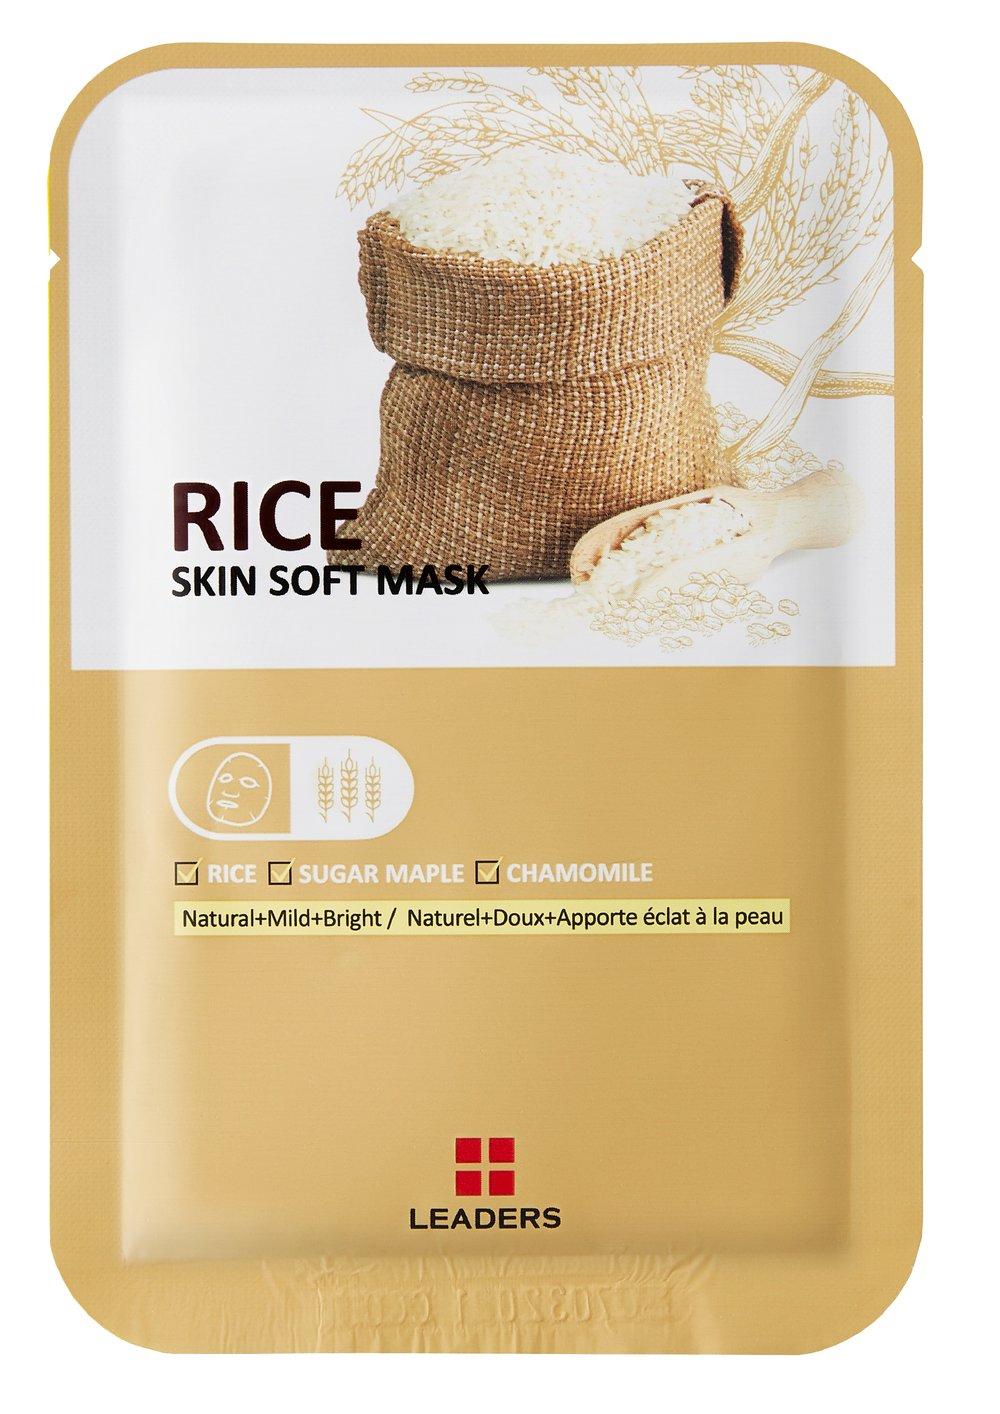 Rice Skin Soft Mask -